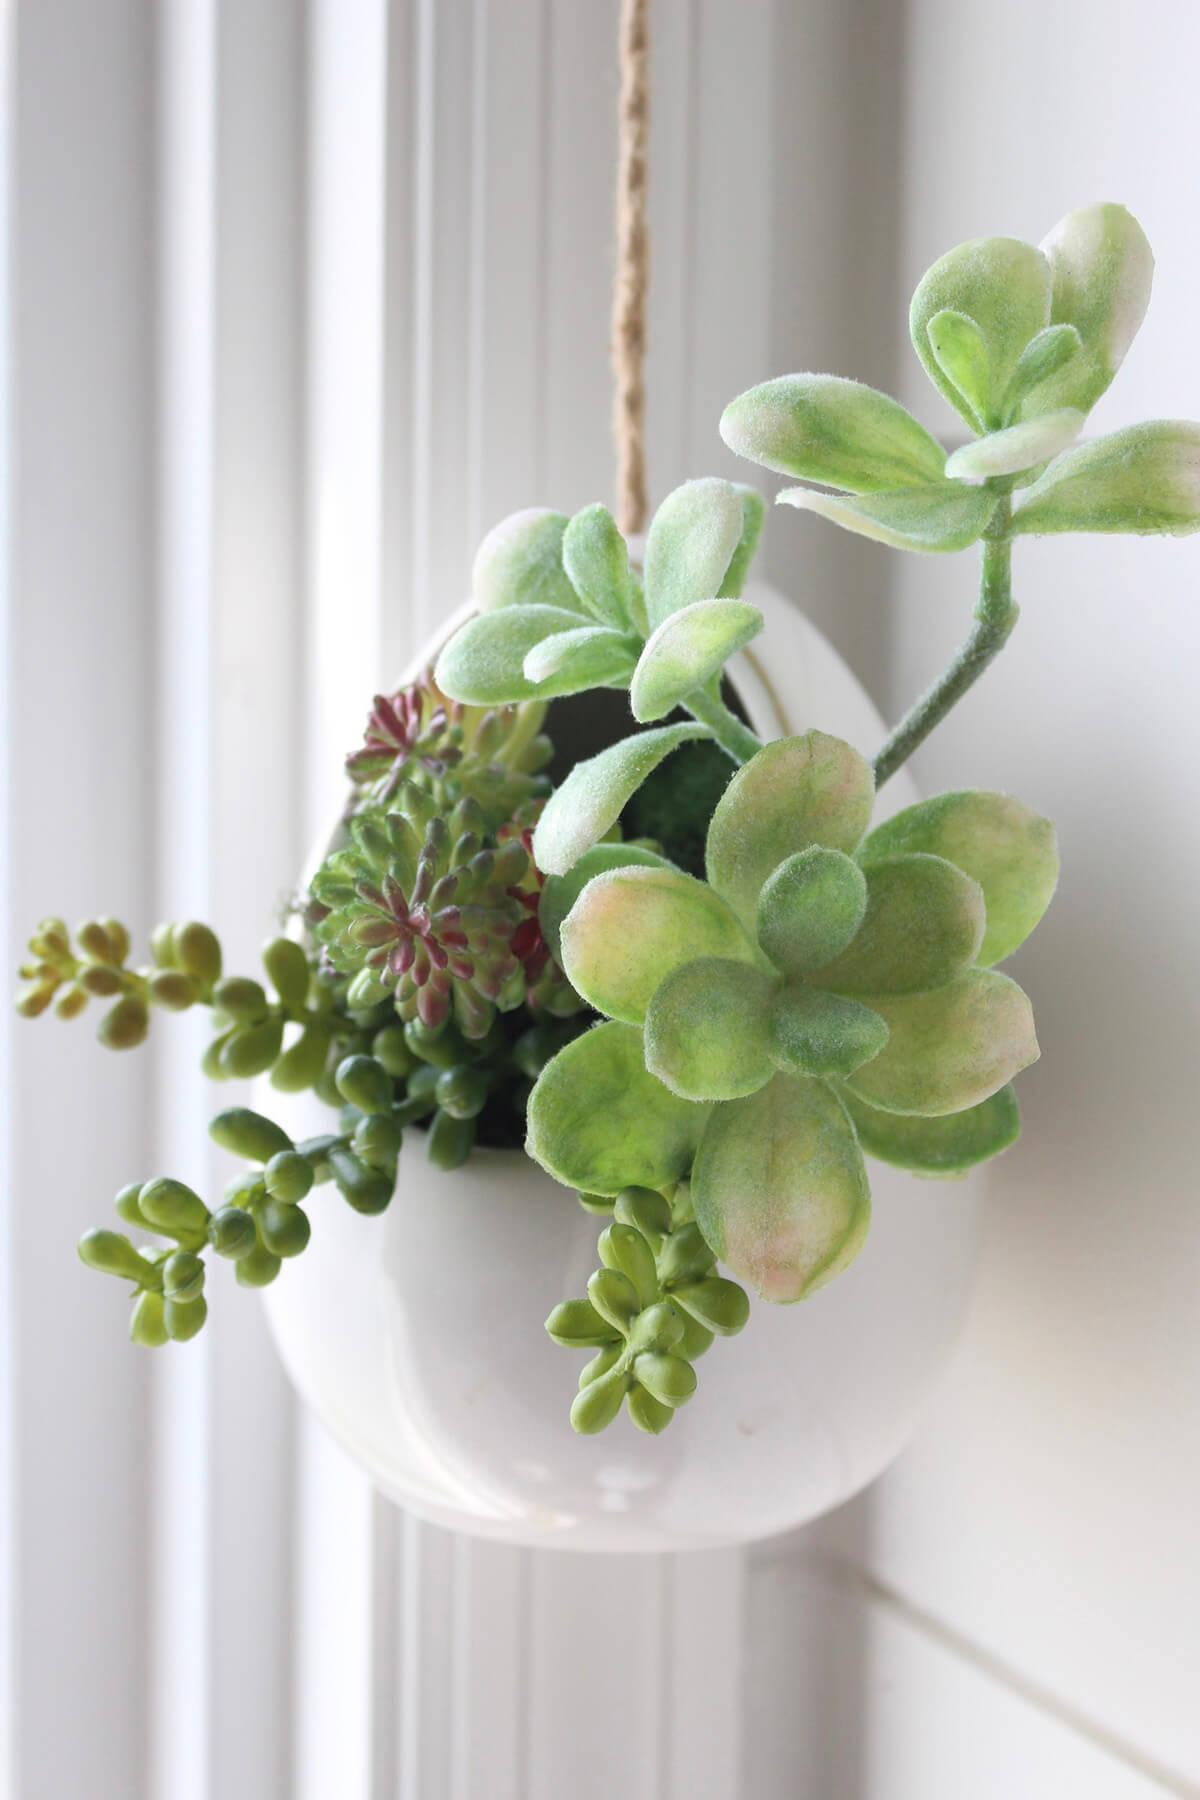 Encantadores Arreglos Florales Estilo Granja